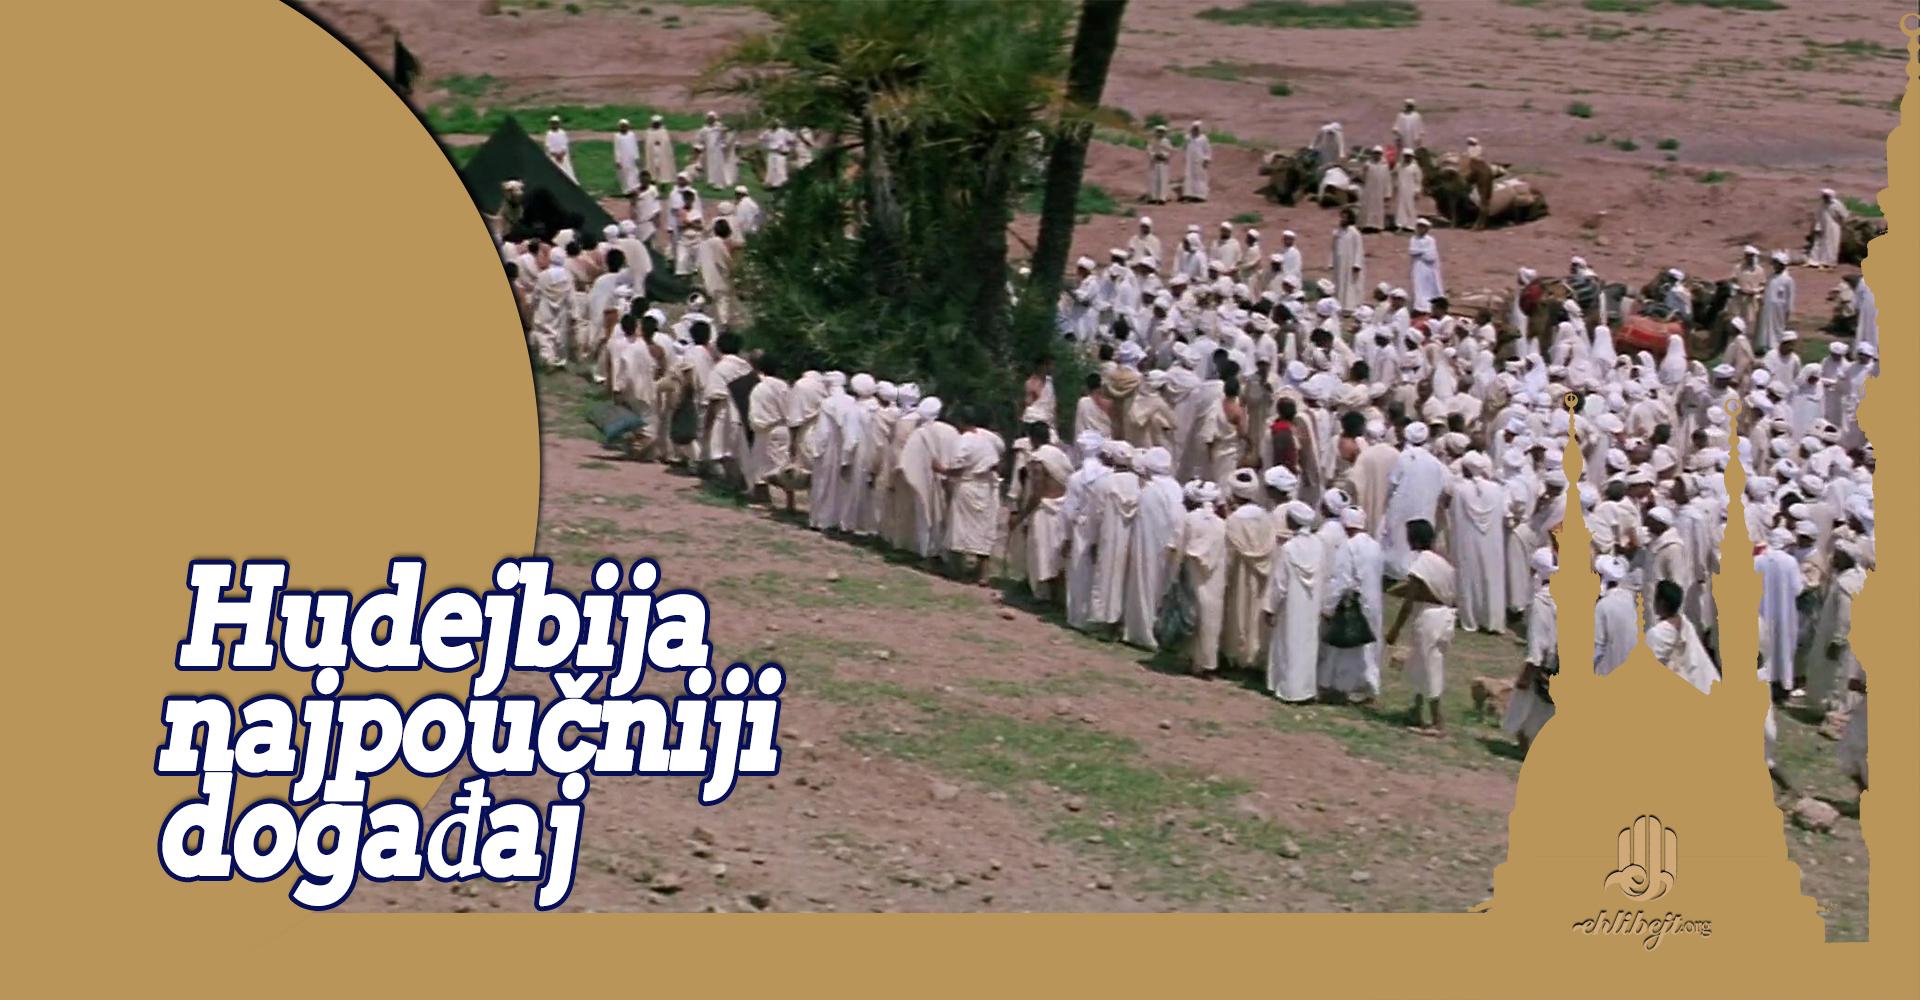 Mirovni sporazum na Hudejbiji najpoučniji događaj u historiji islama